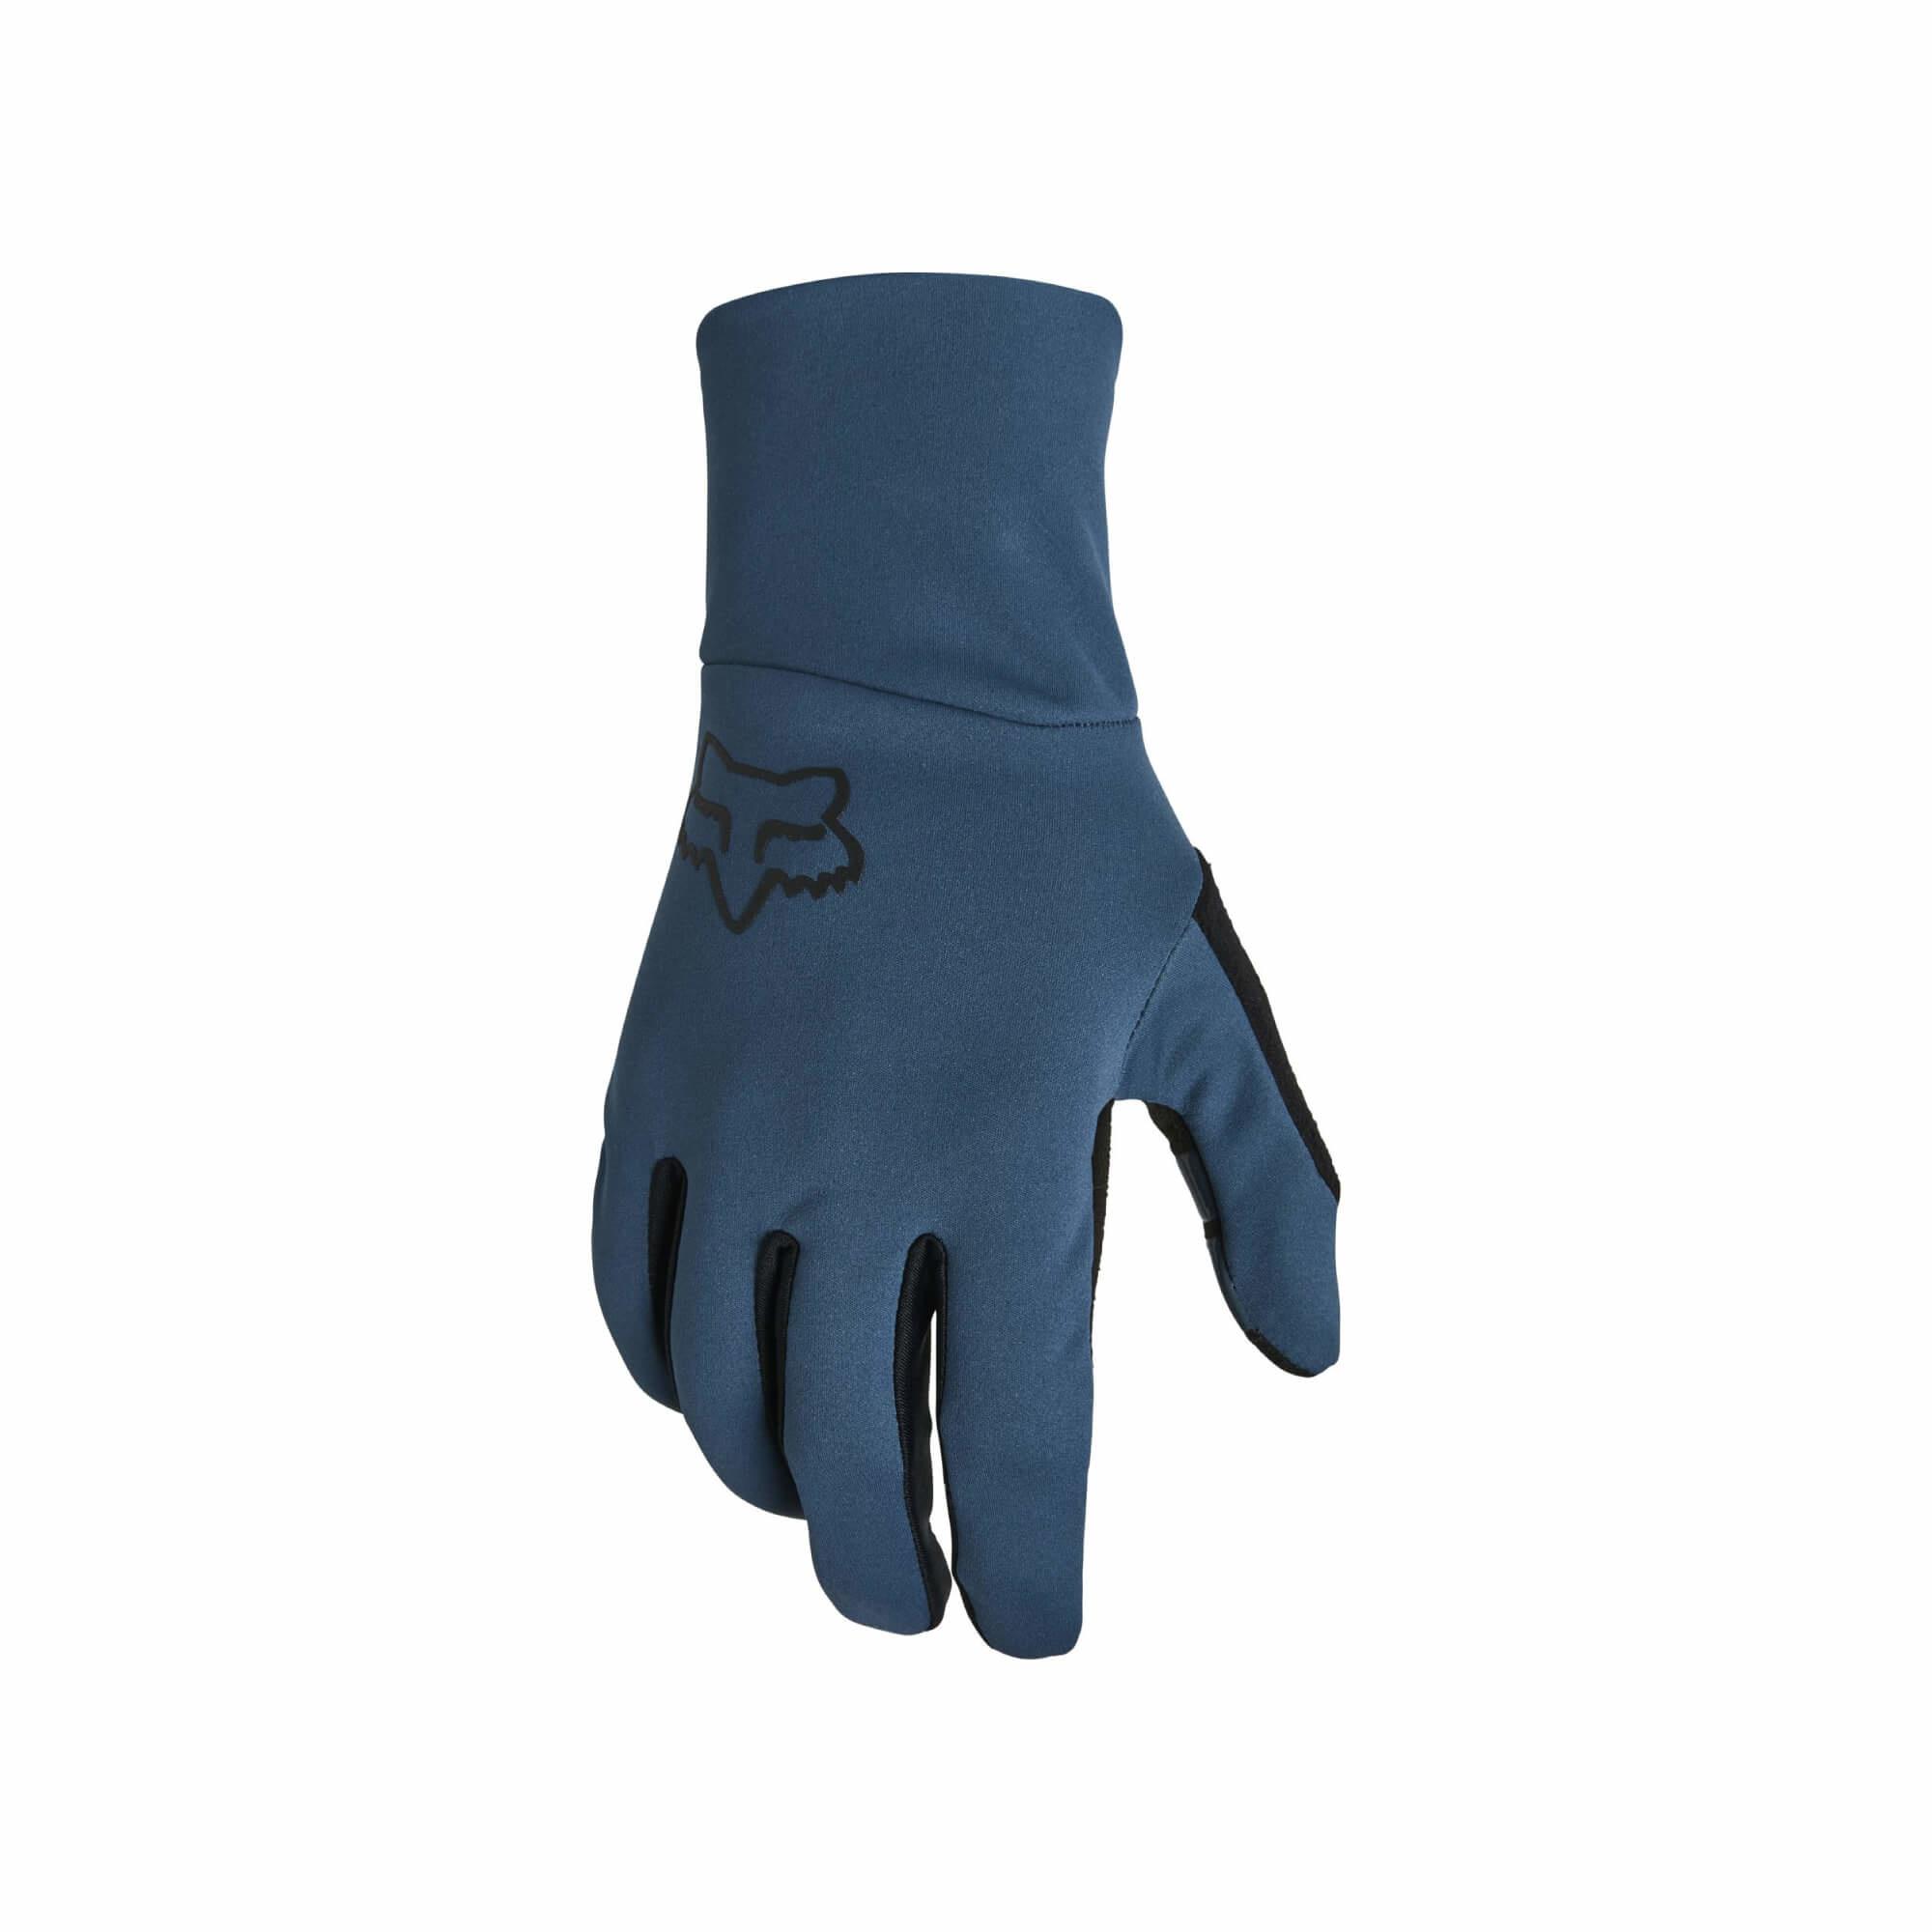 Ranger Fire Glove 2021-5